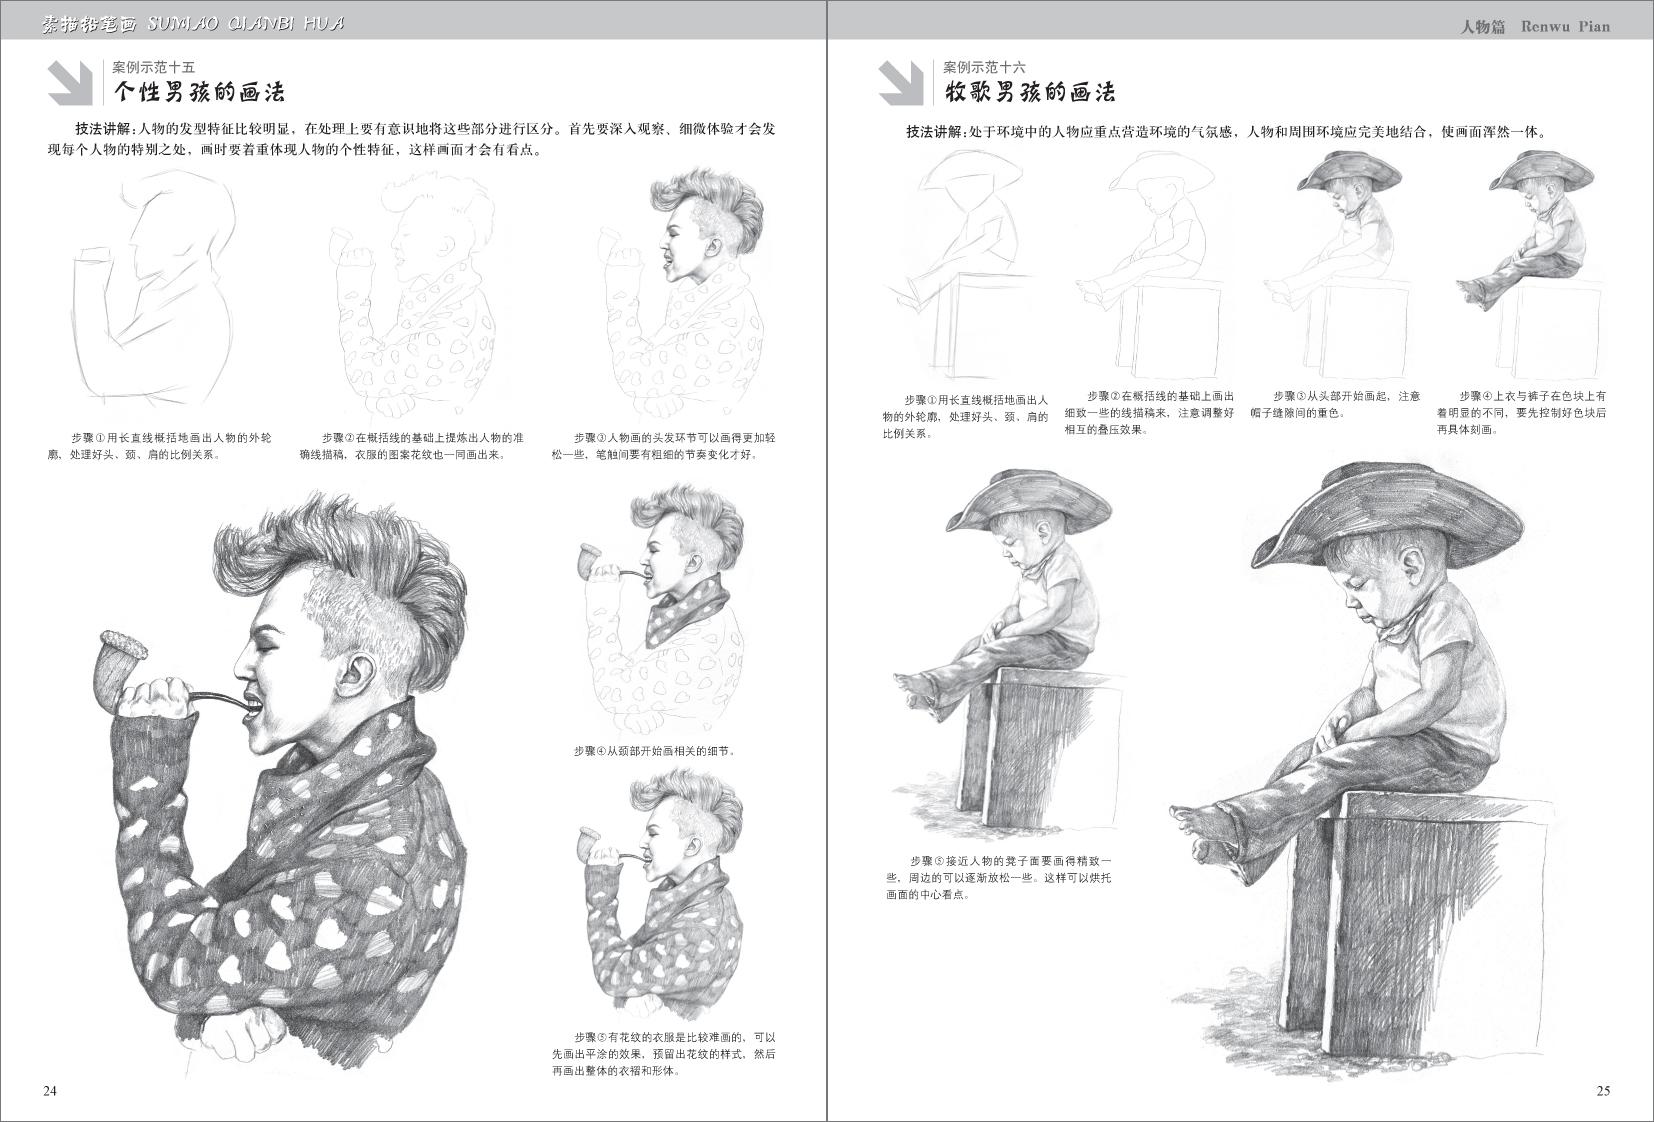 素描铅笔画人物篇儿童铅笔绘画入门教程手绘素描铅笔美术书教程画画笔